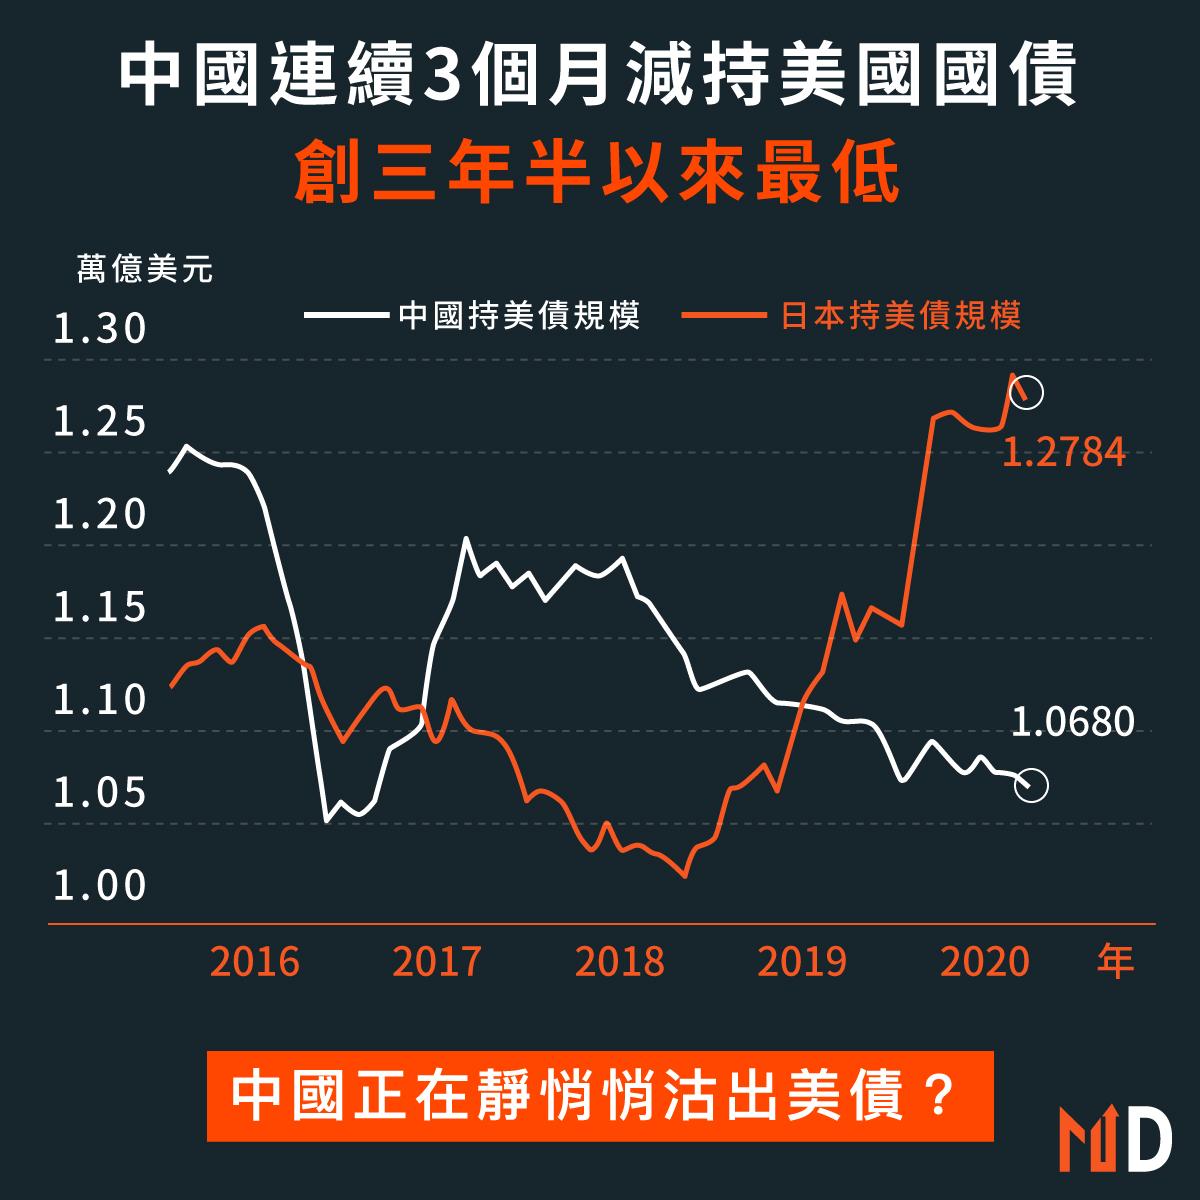 中國正在減持美國國債